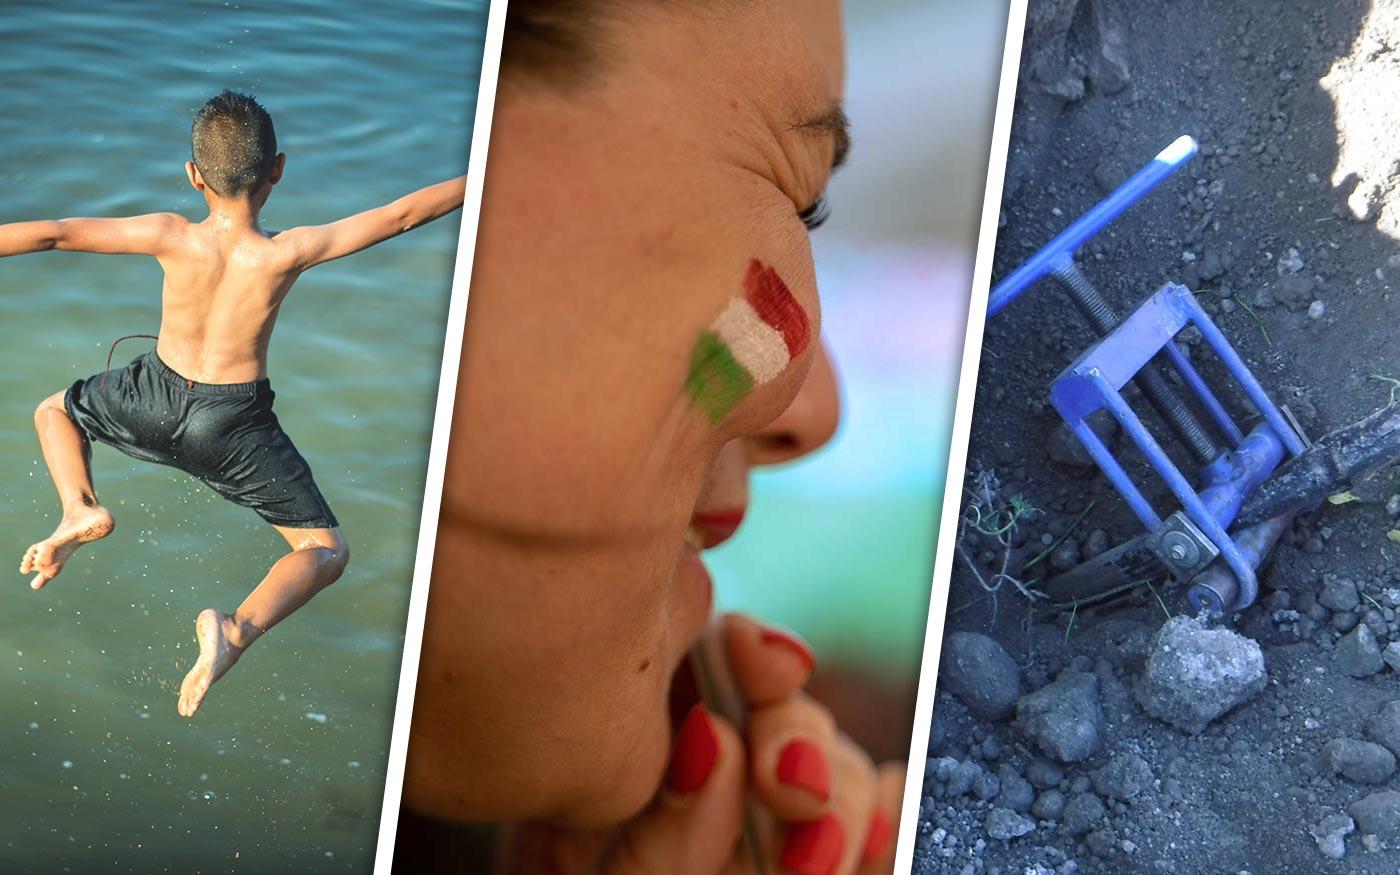 Vakáció, foci EB, olajszennyezés – heti hírösszefoglaló